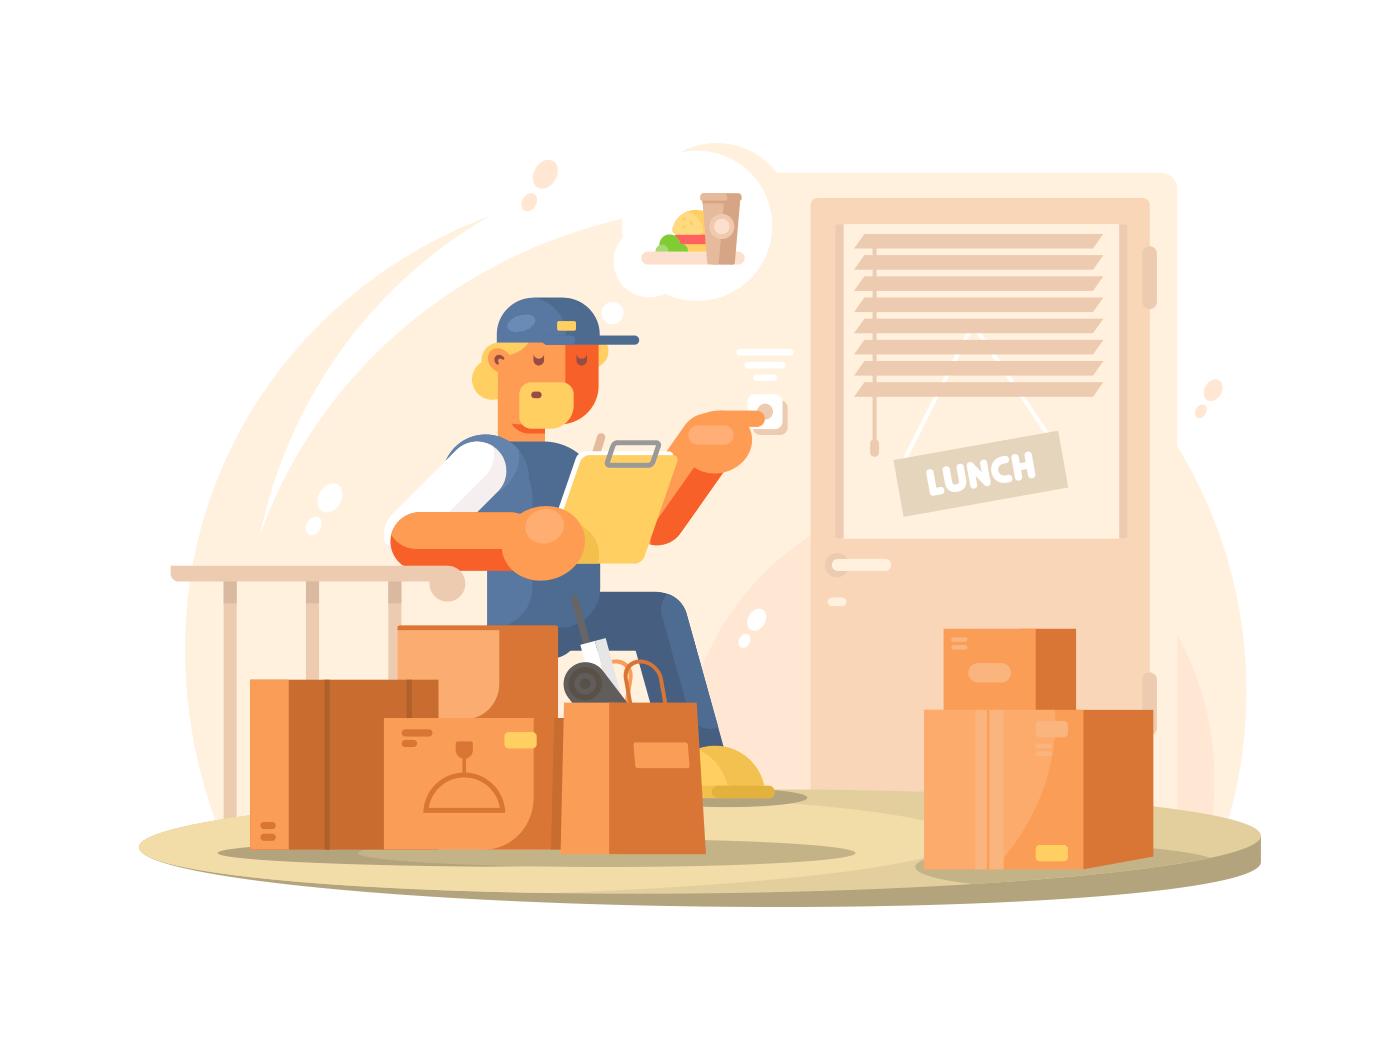 Uniformed deliveryman character illustration